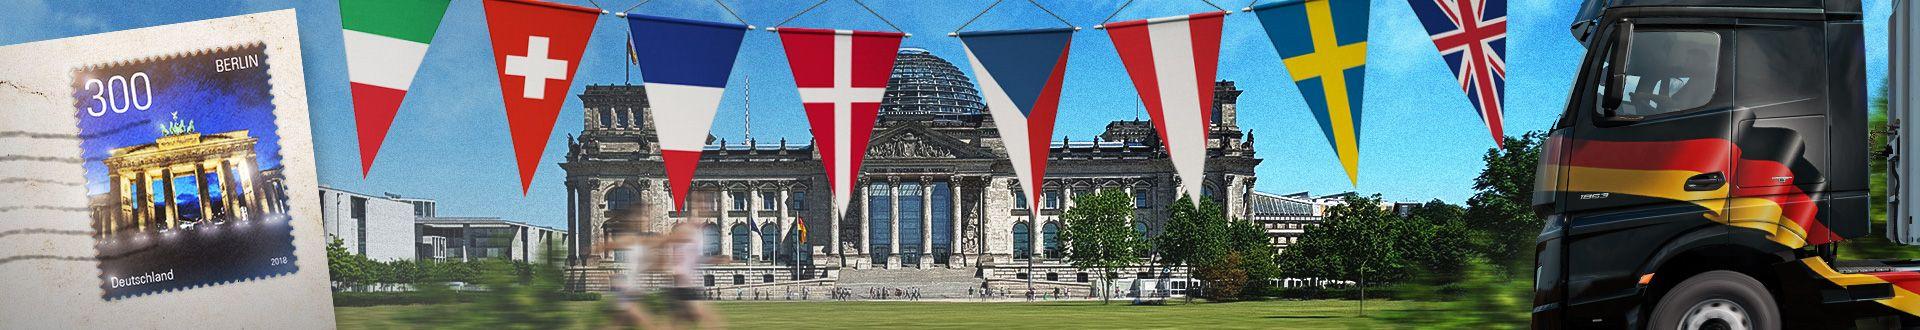 Мероприятие World Of Trucks: торговые связи с Германией